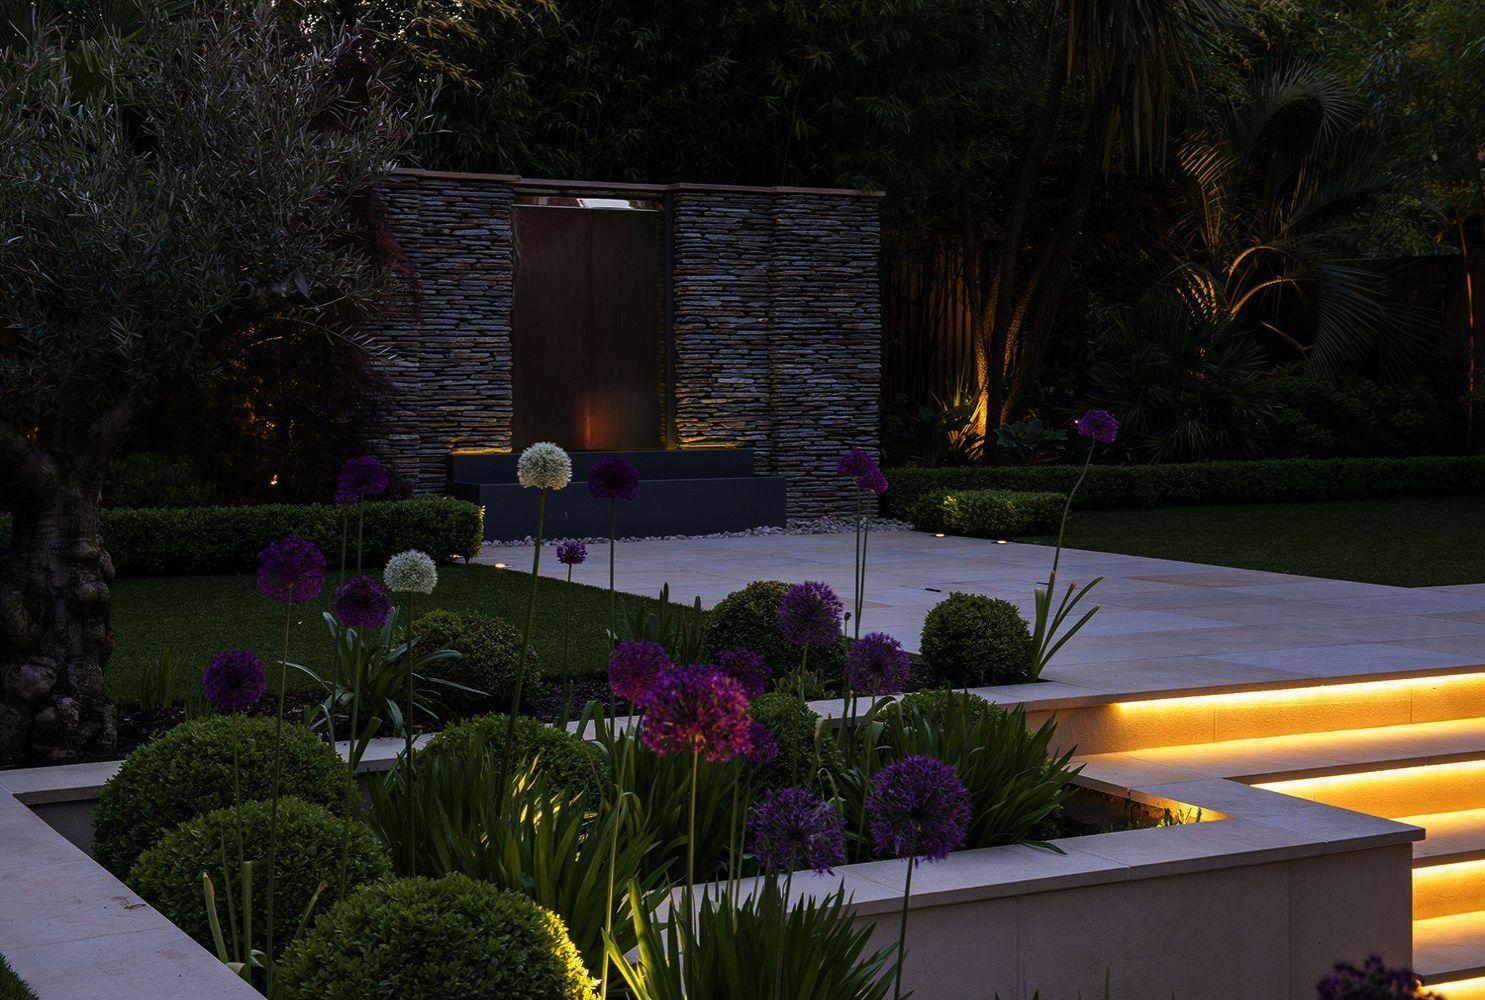 Landscape Gardening Course Online Via Landscape Gardening Courses Surrey Contemporary Garden Design Modern Garden Back Garden Design